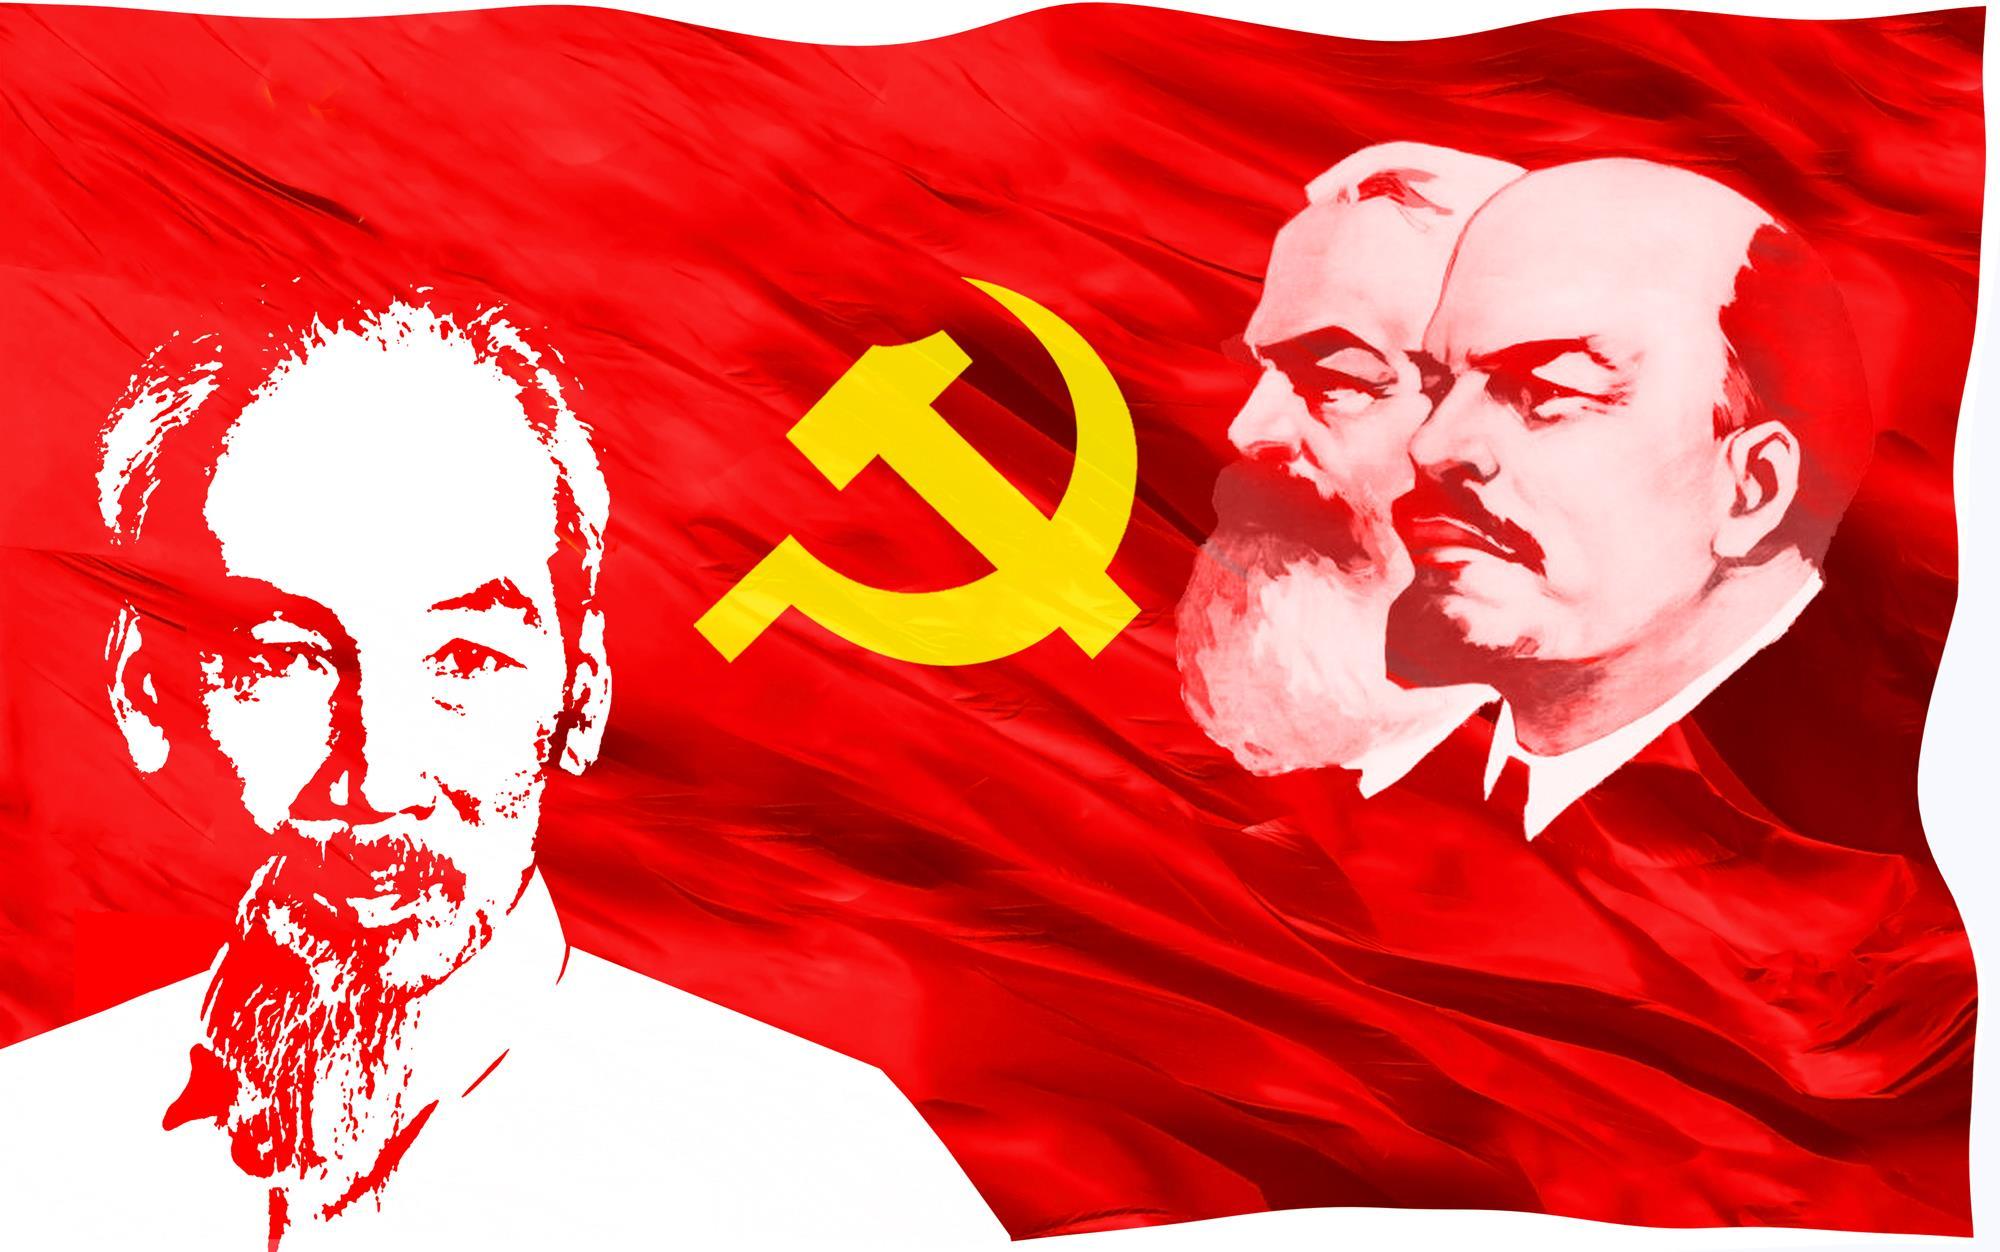 Bổ sung, phát triển, hoàn thiện chủ nghĩa Mác – Lênin, tư tưởng Hồ Chí Minh trong điều kiện mới